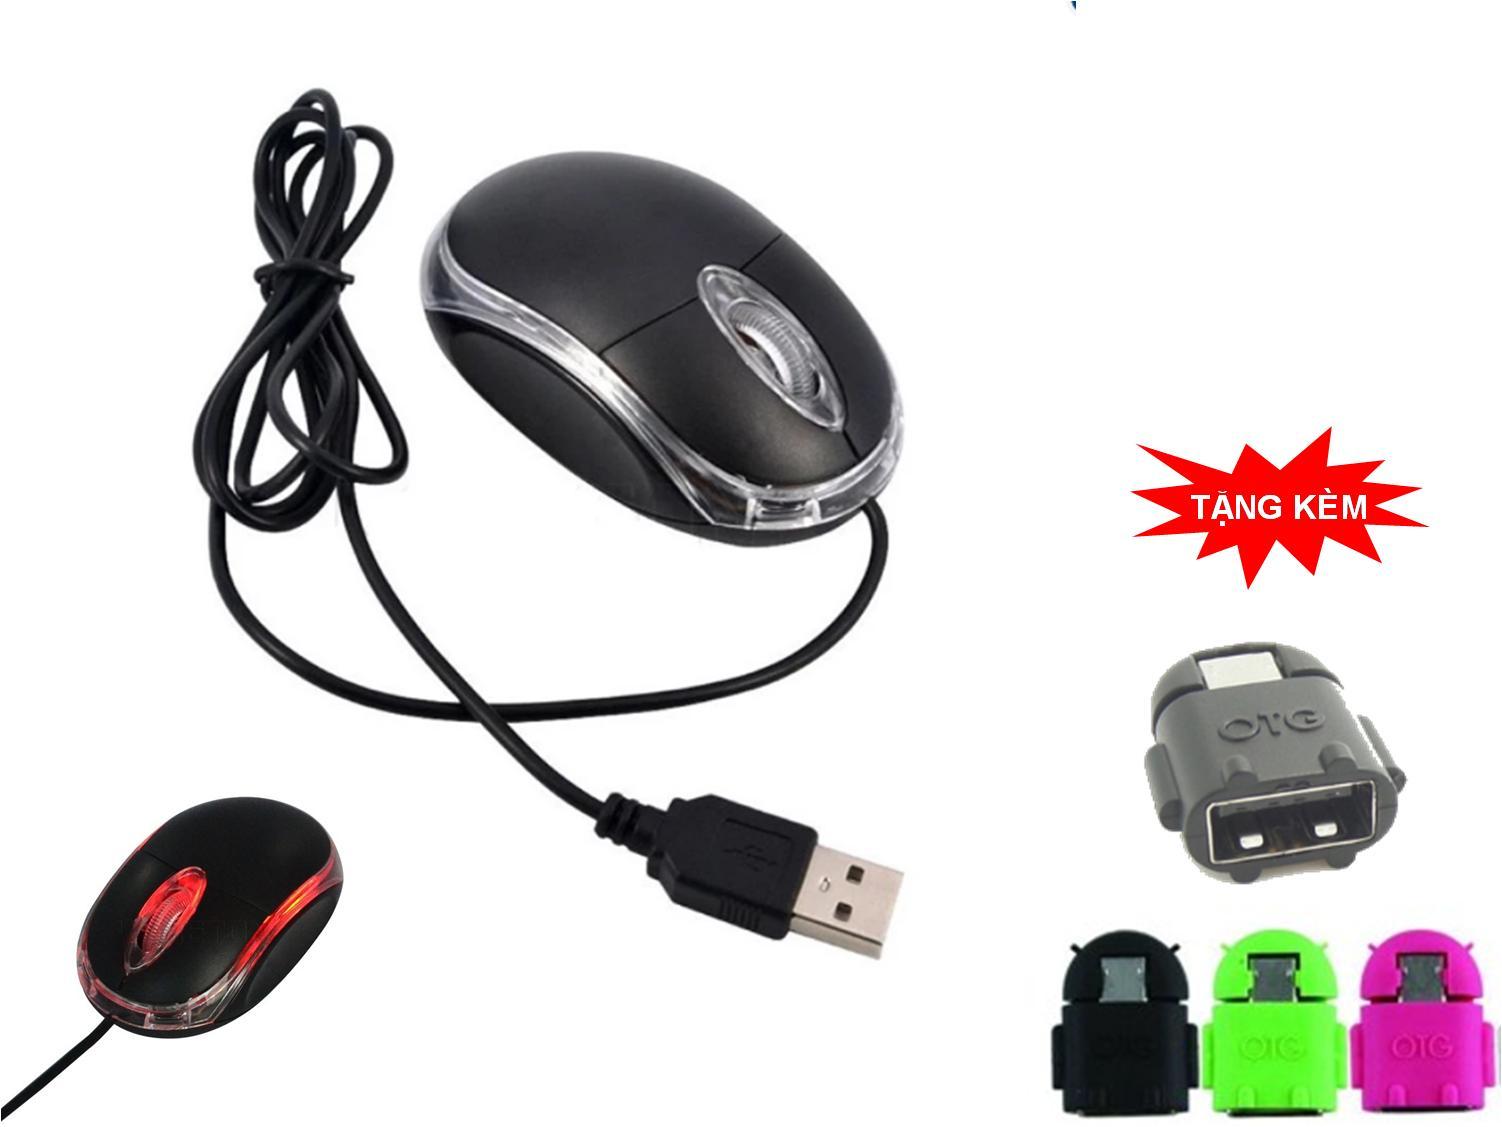 Chuột quang có dây, cổng USB với đèn Led phát sáng khi di chuột + Tặng OTG